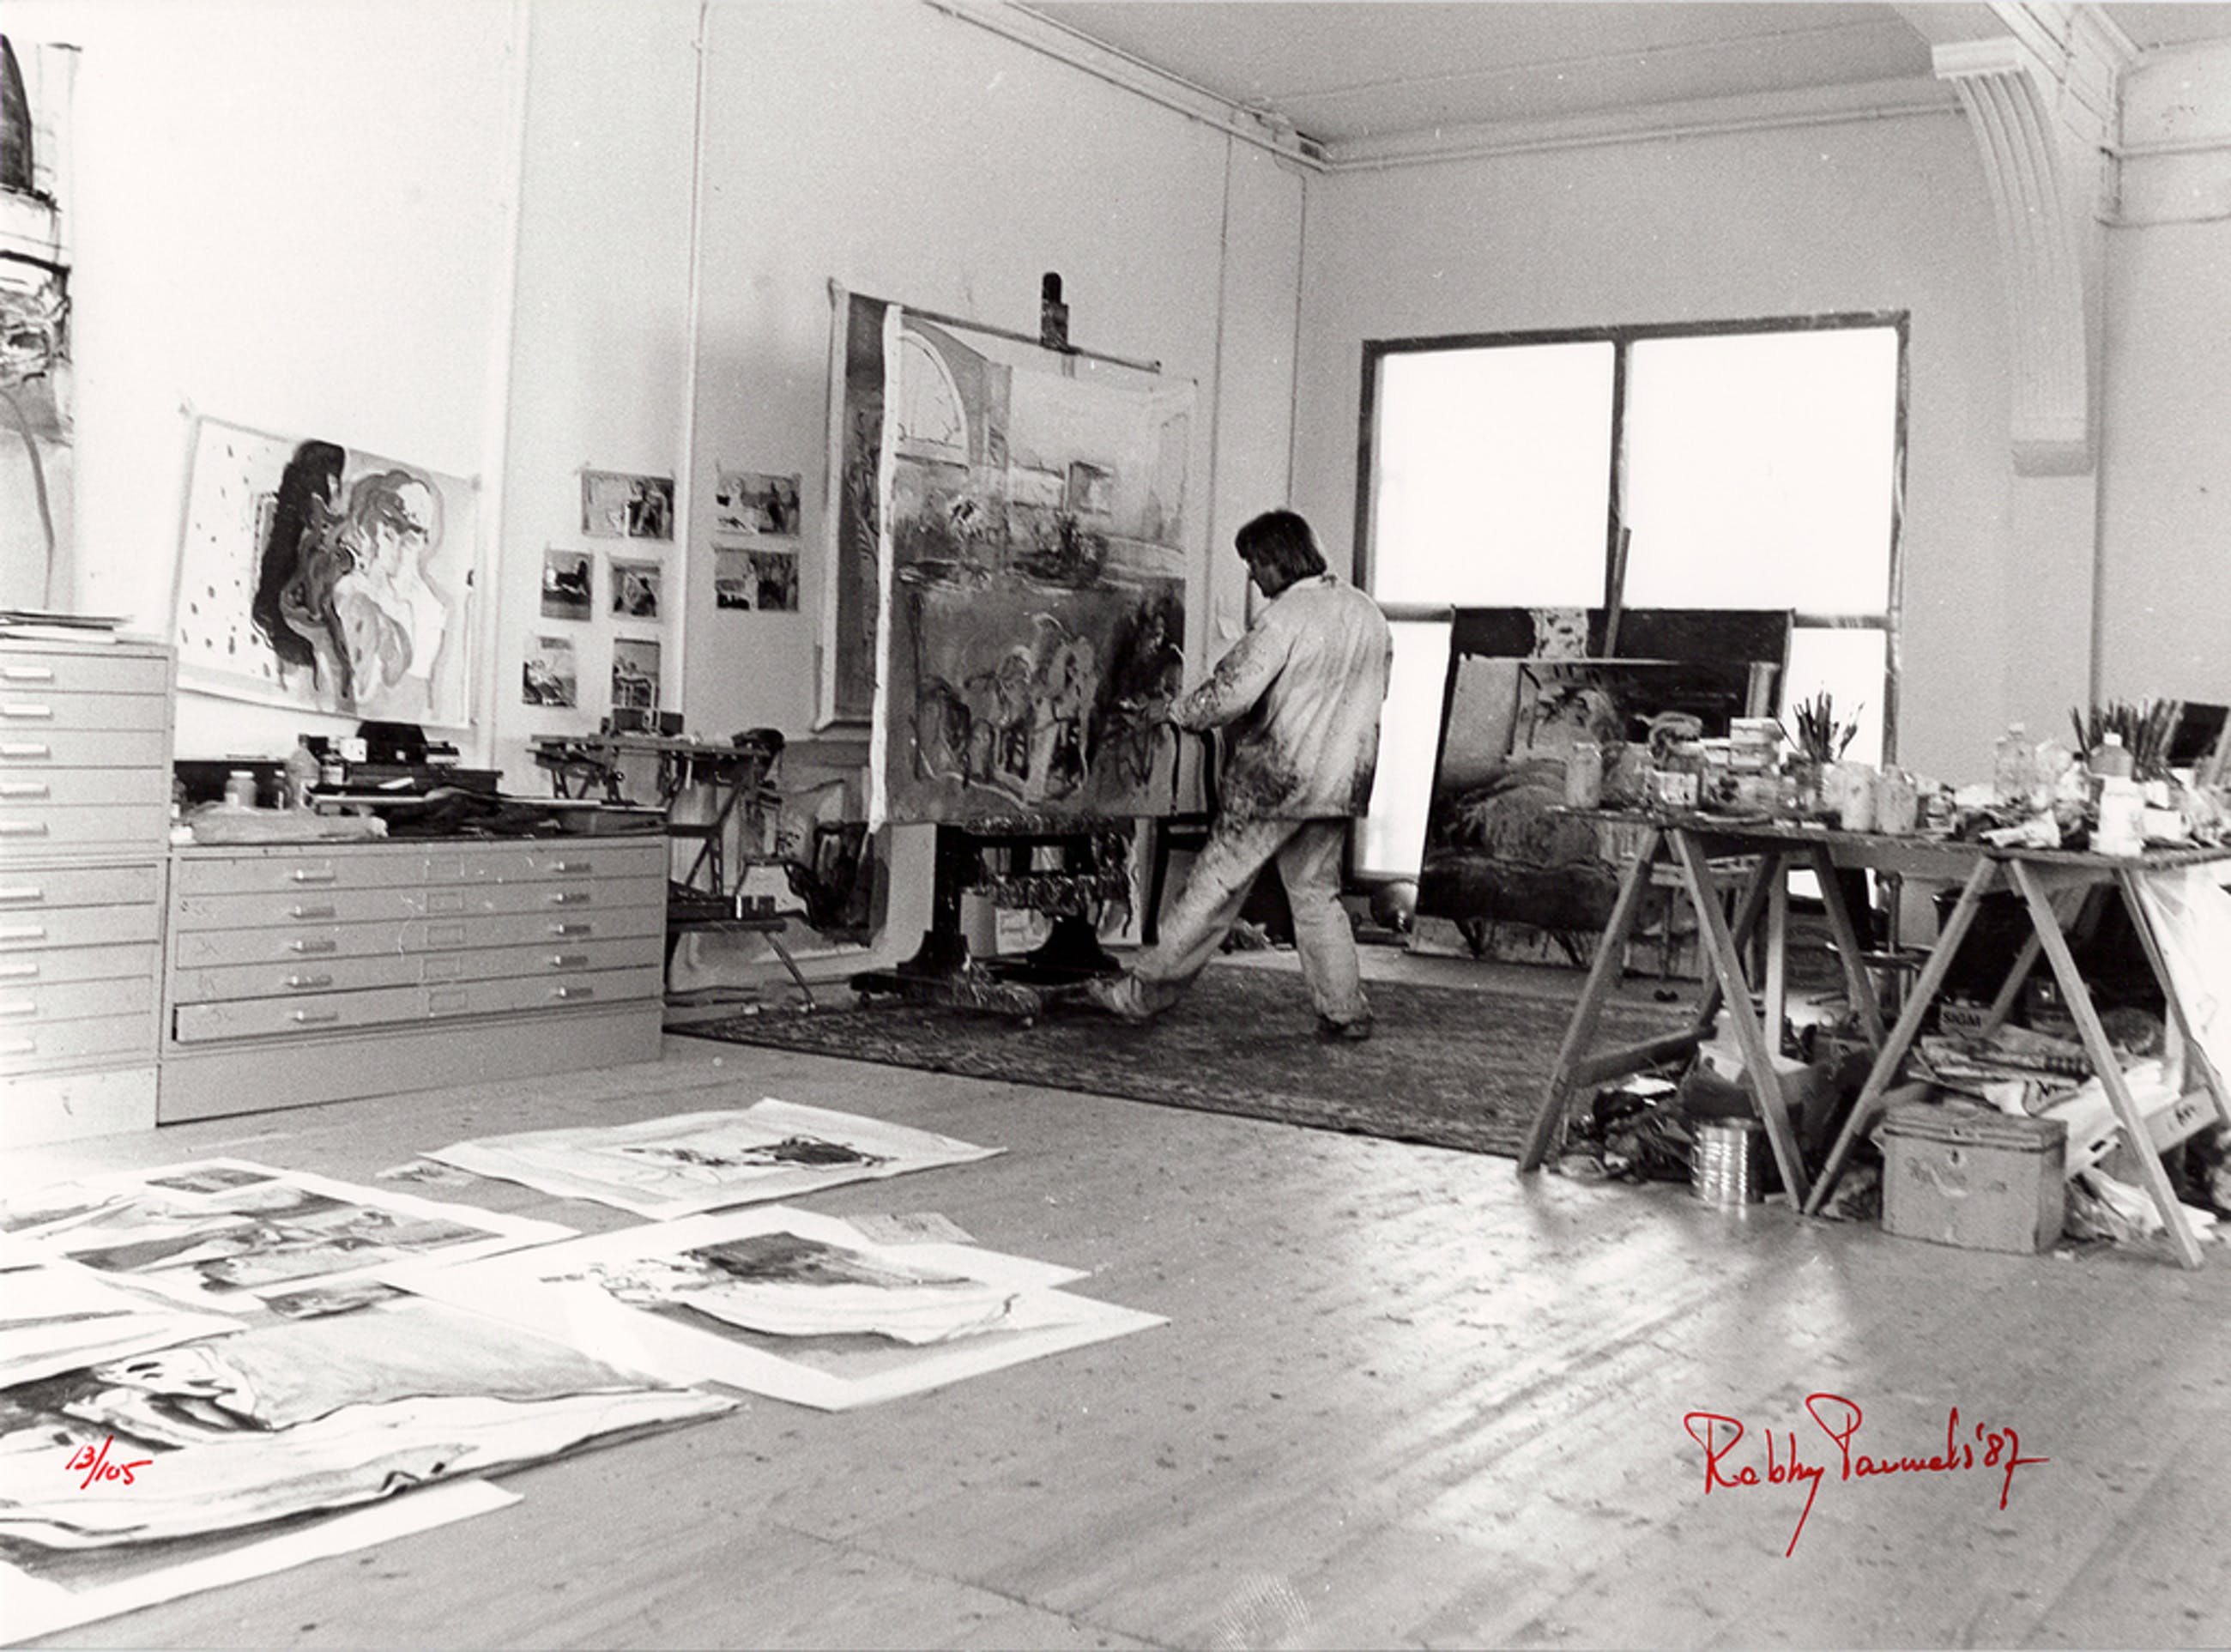 Robby Pauwels - 6 zwart/wit foto's: 'Kees van Bohemen in zijn atelier' - 1987 kopen? Bied vanaf 25!